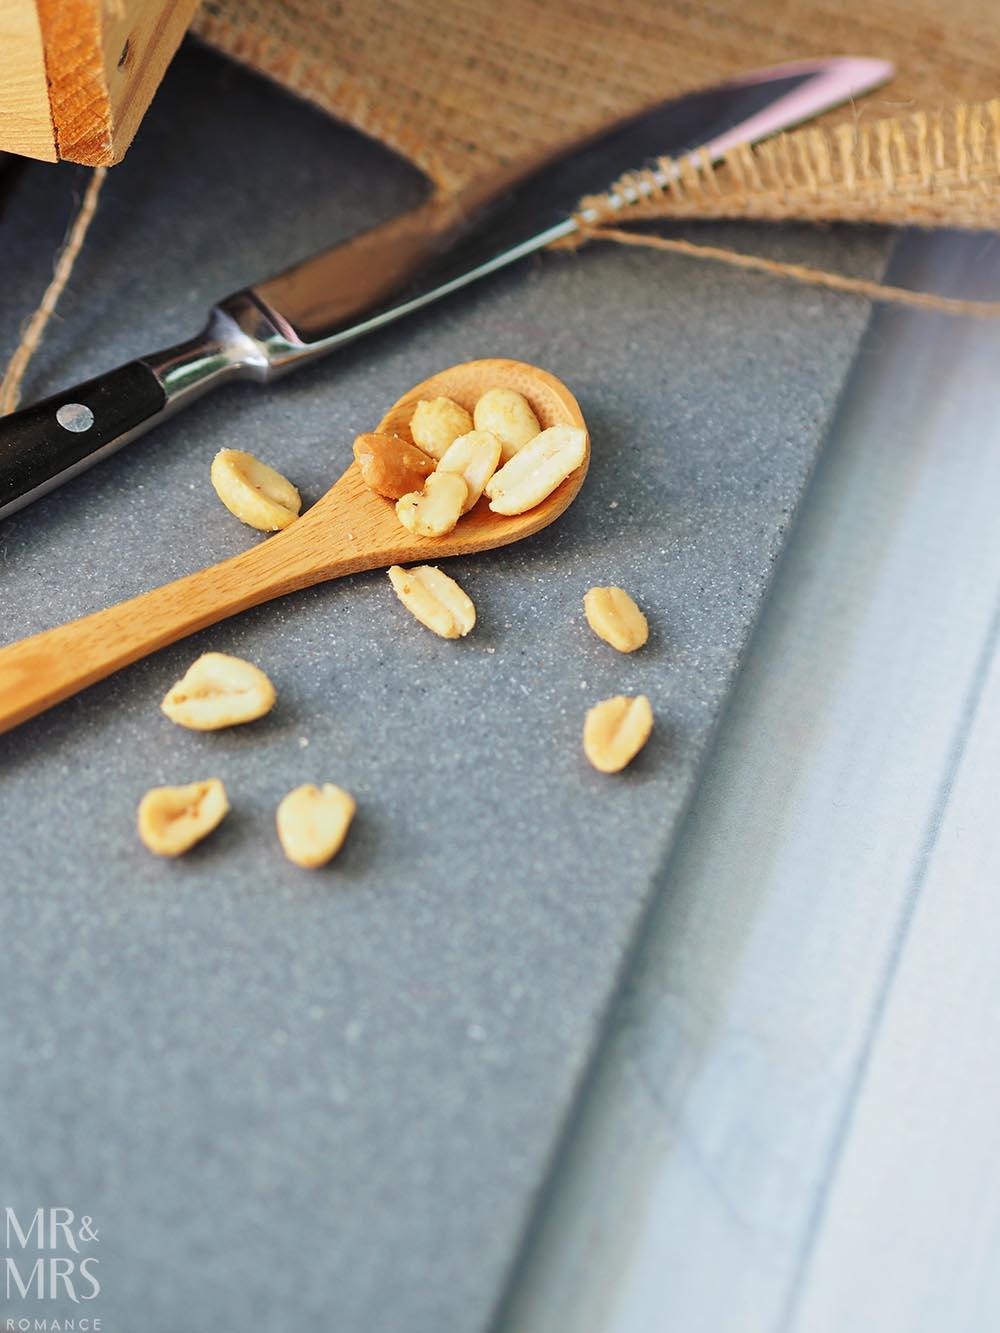 Salted caramel peanut slice recipe - peanuts